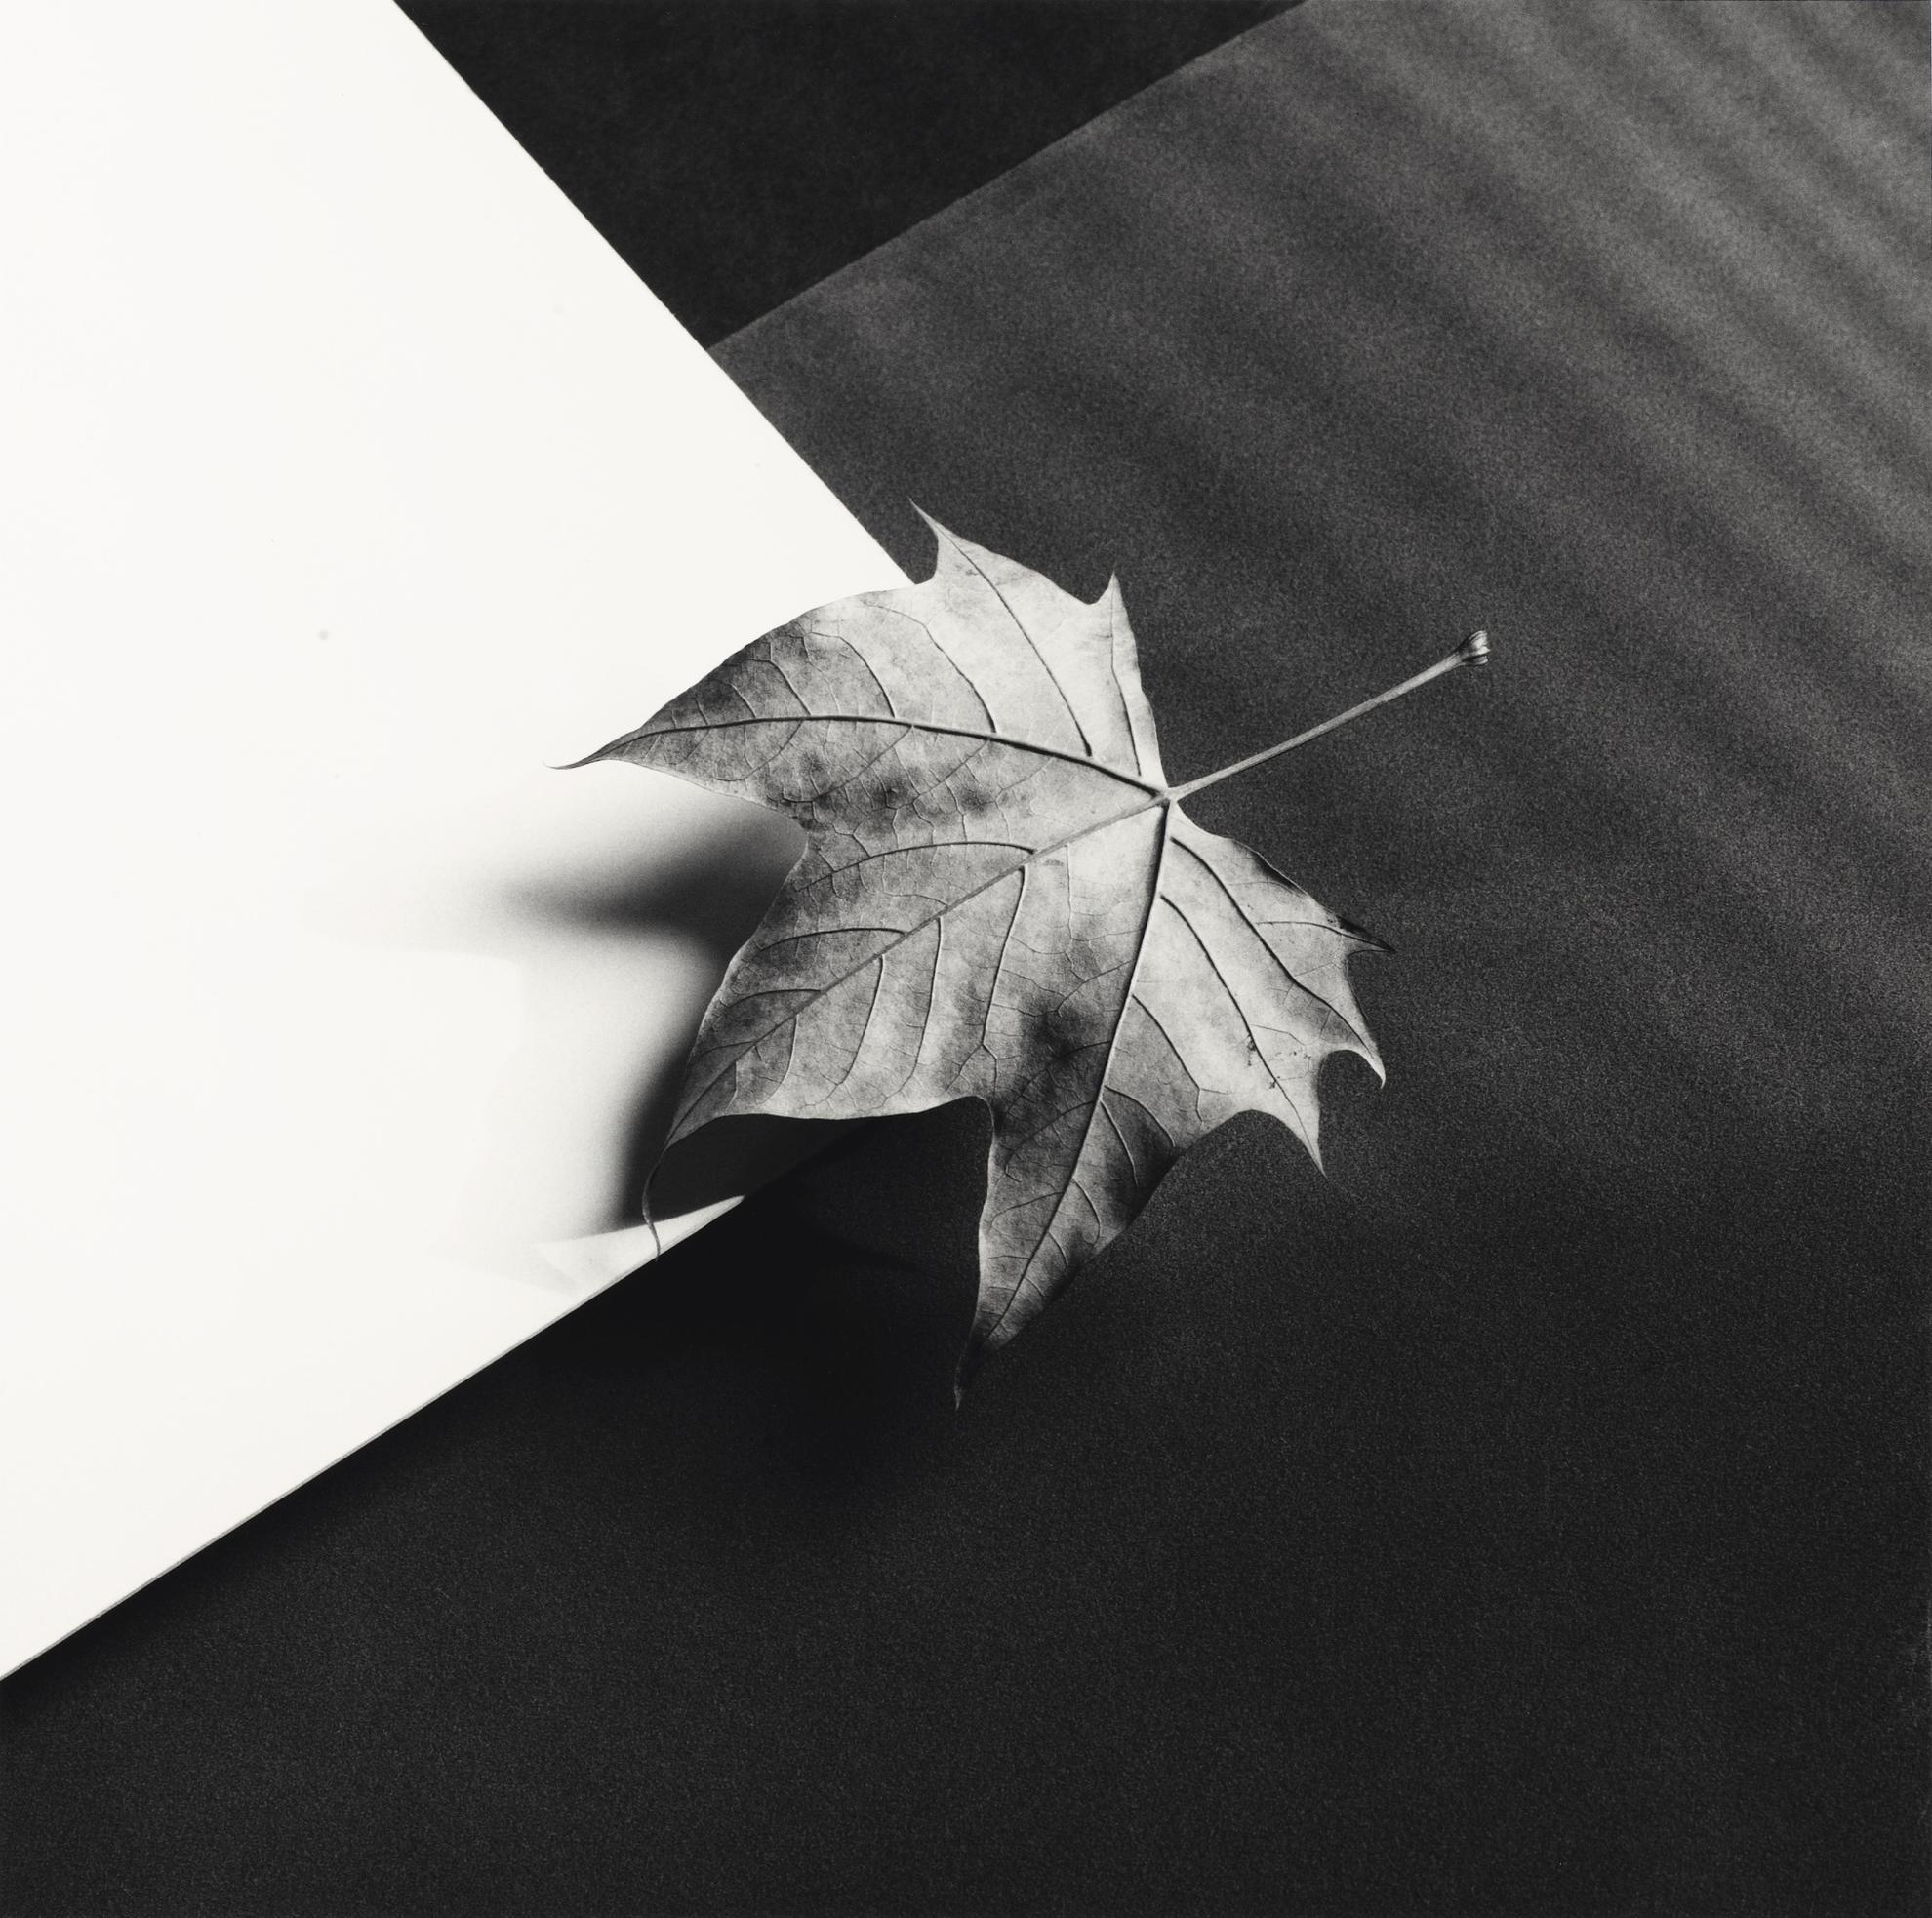 Robert Mapplethorpe-Leaf, 1986-1986